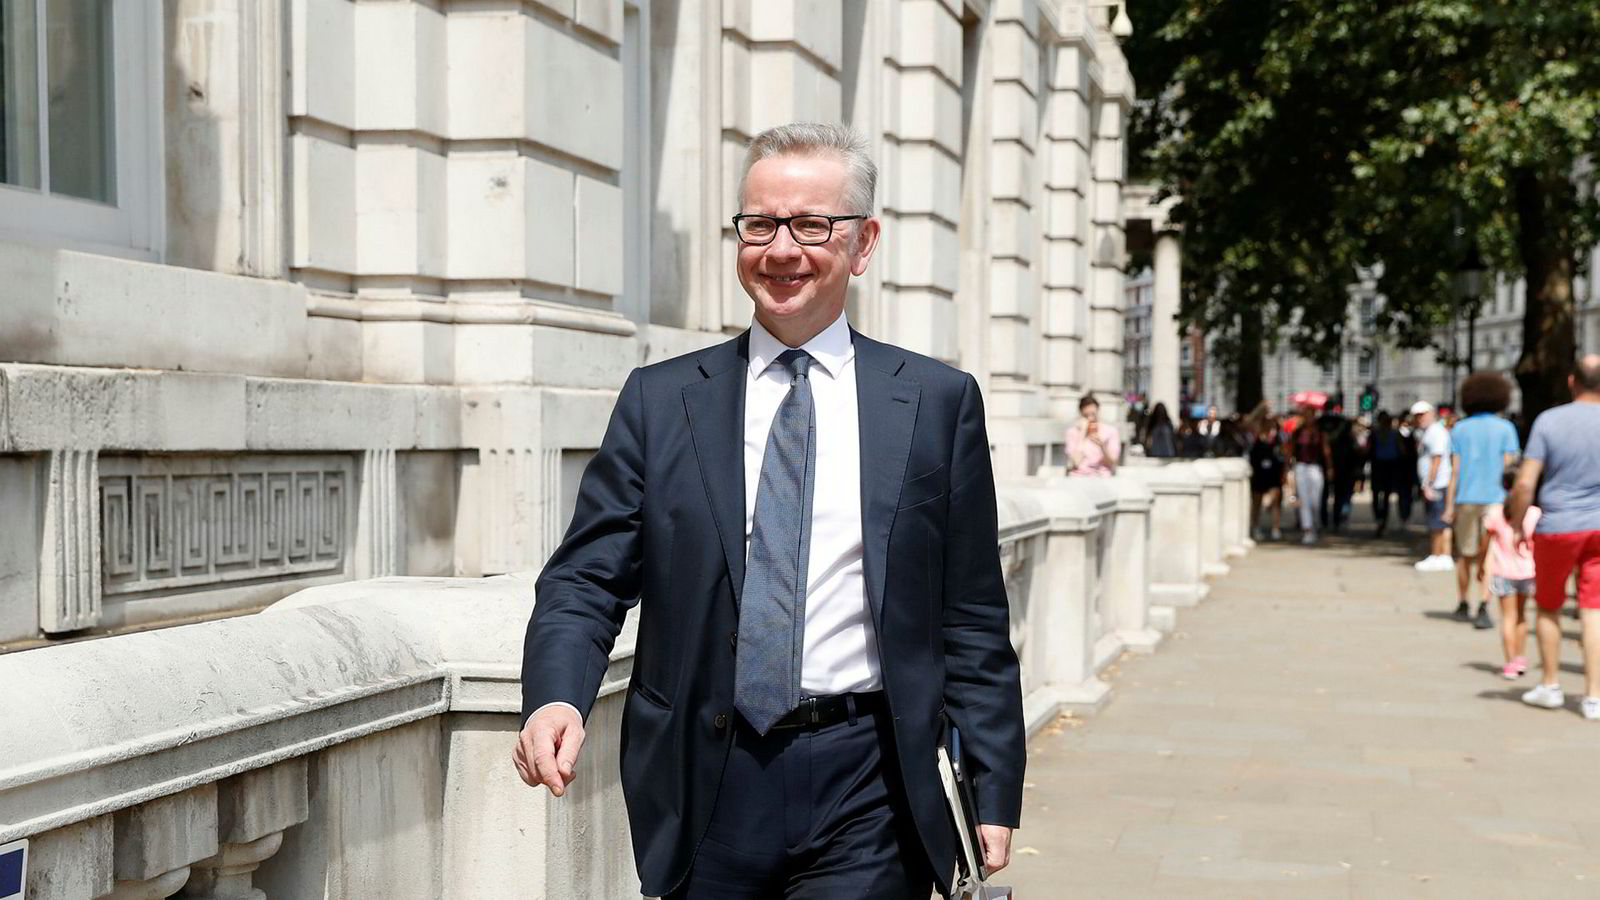 Michael Gove er skuffet over at EU ikke finner grunnlag for en ny runde med brexit-forhandlinger med britene. Gove er britisk statsråd uten portefølje, men med ansvar for å forberede brexit.